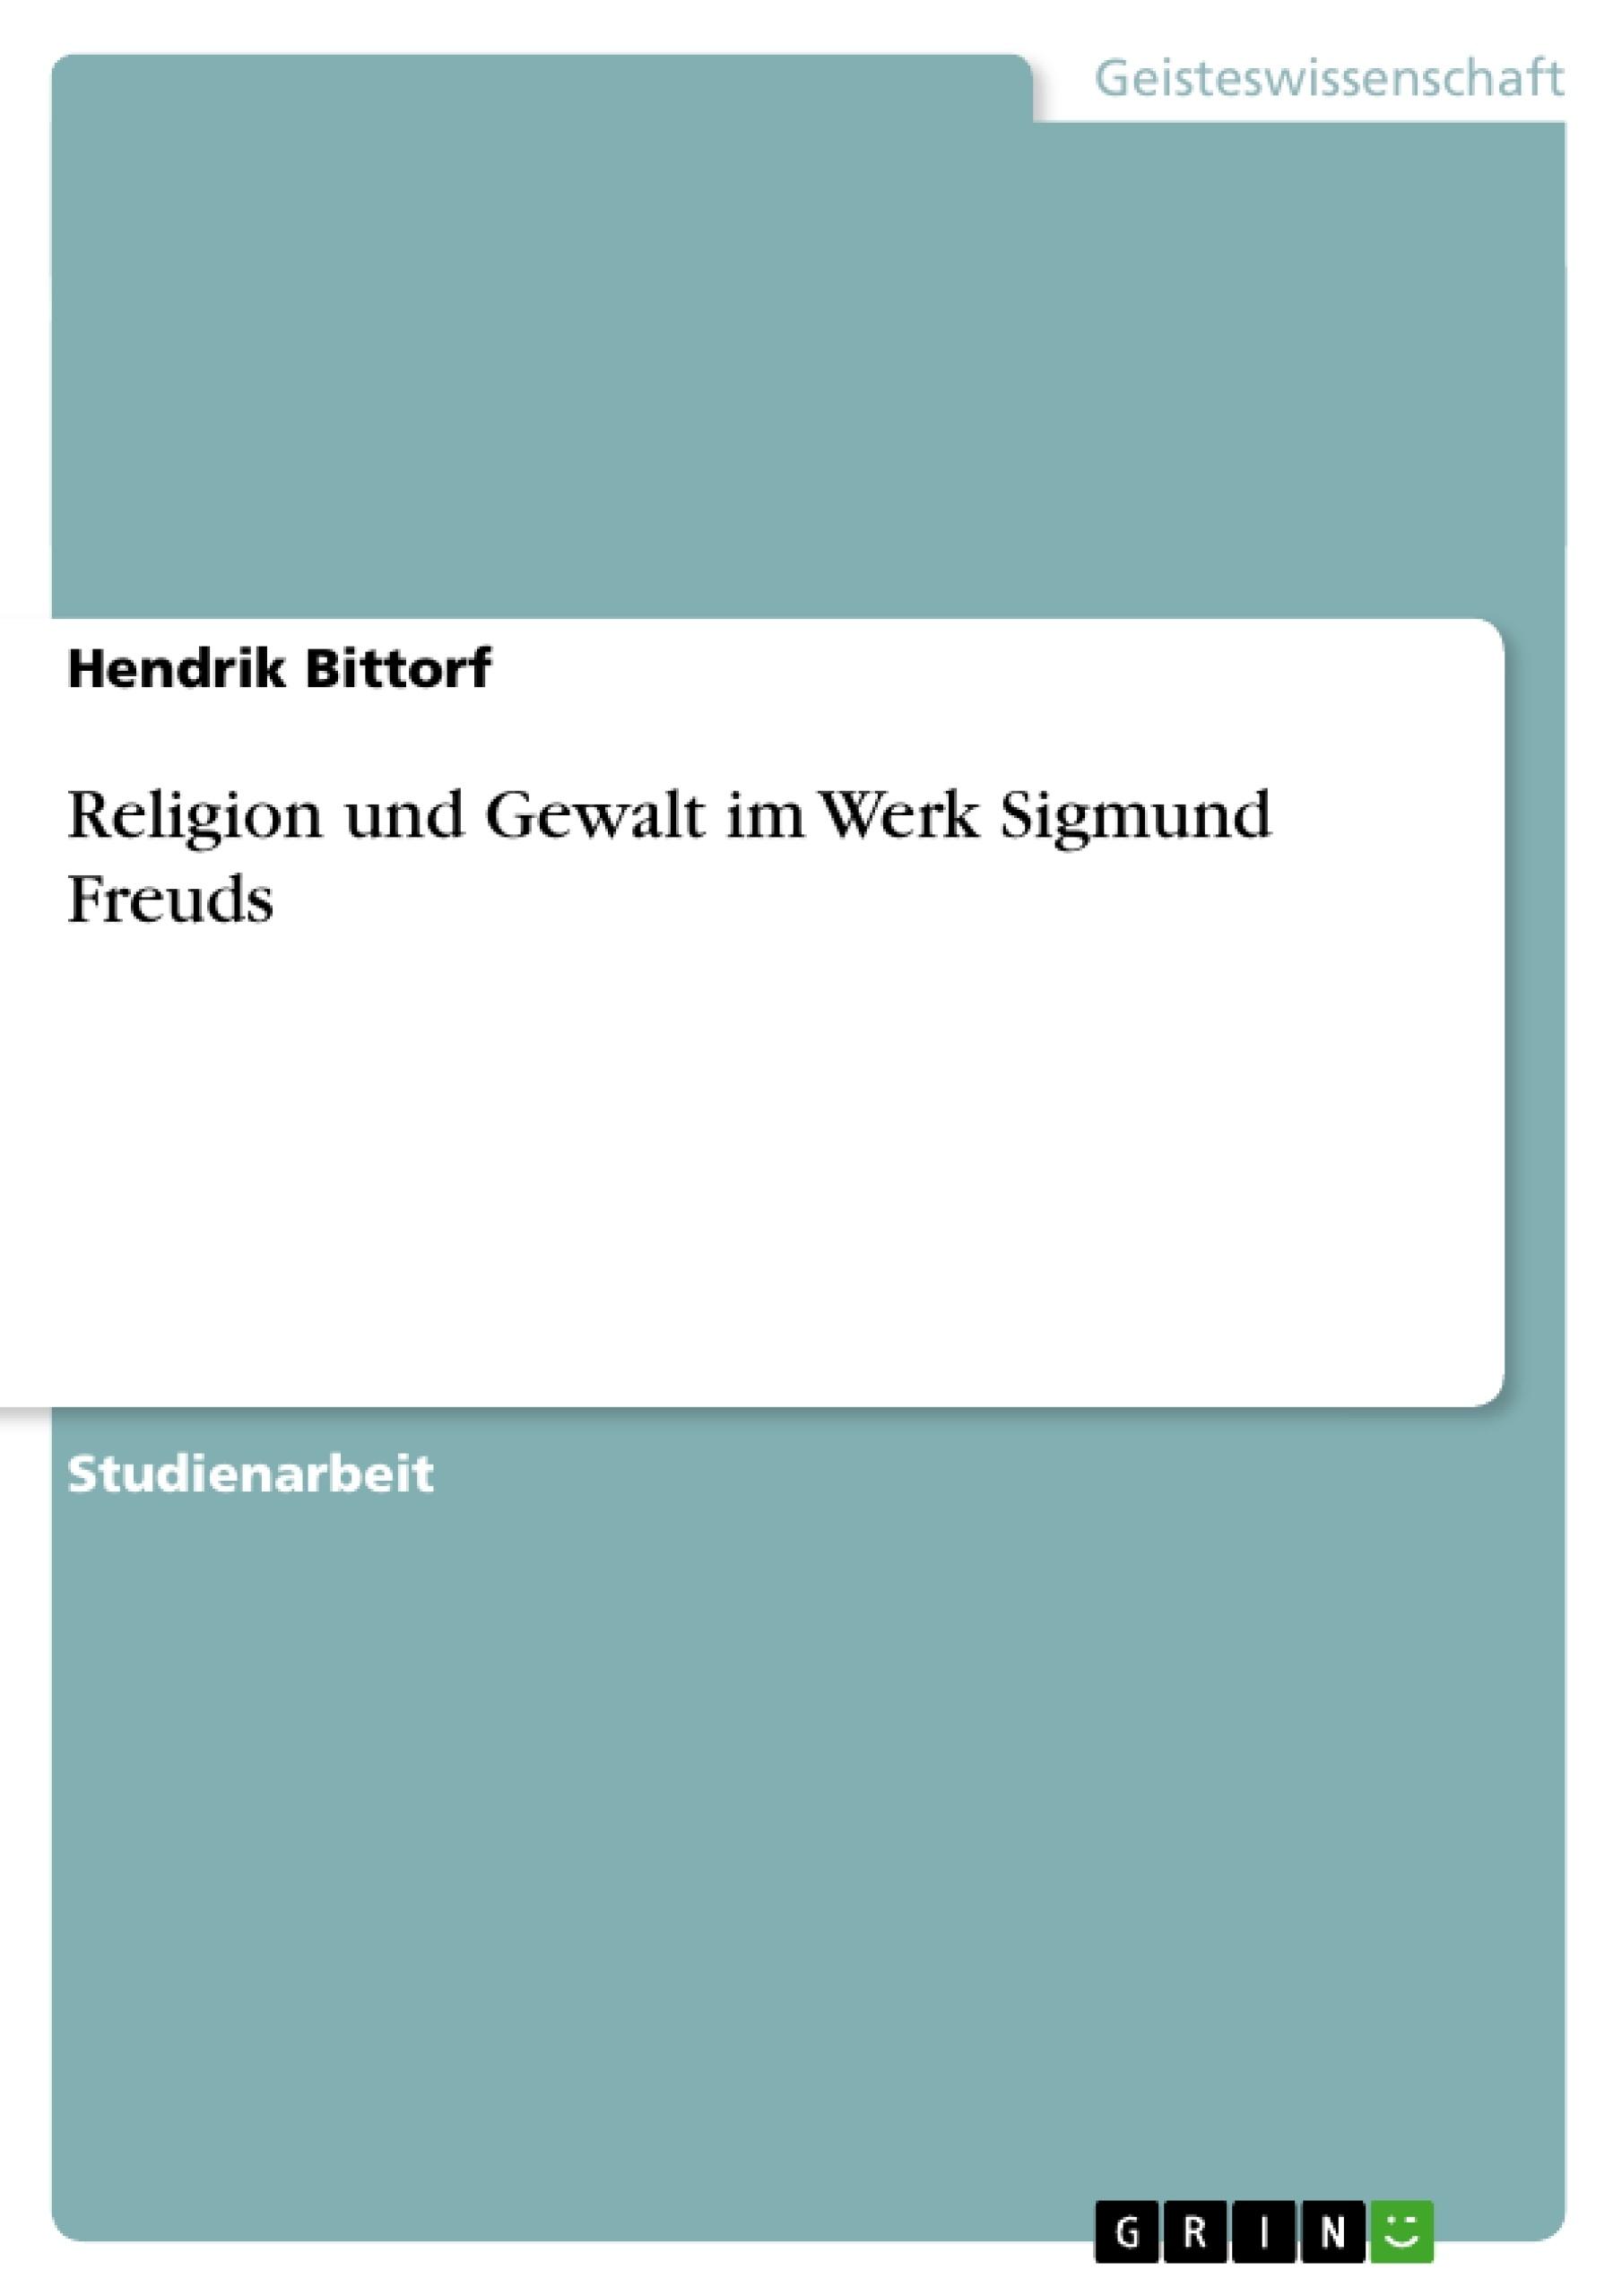 Titel: Religion und Gewalt im Werk Sigmund Freuds